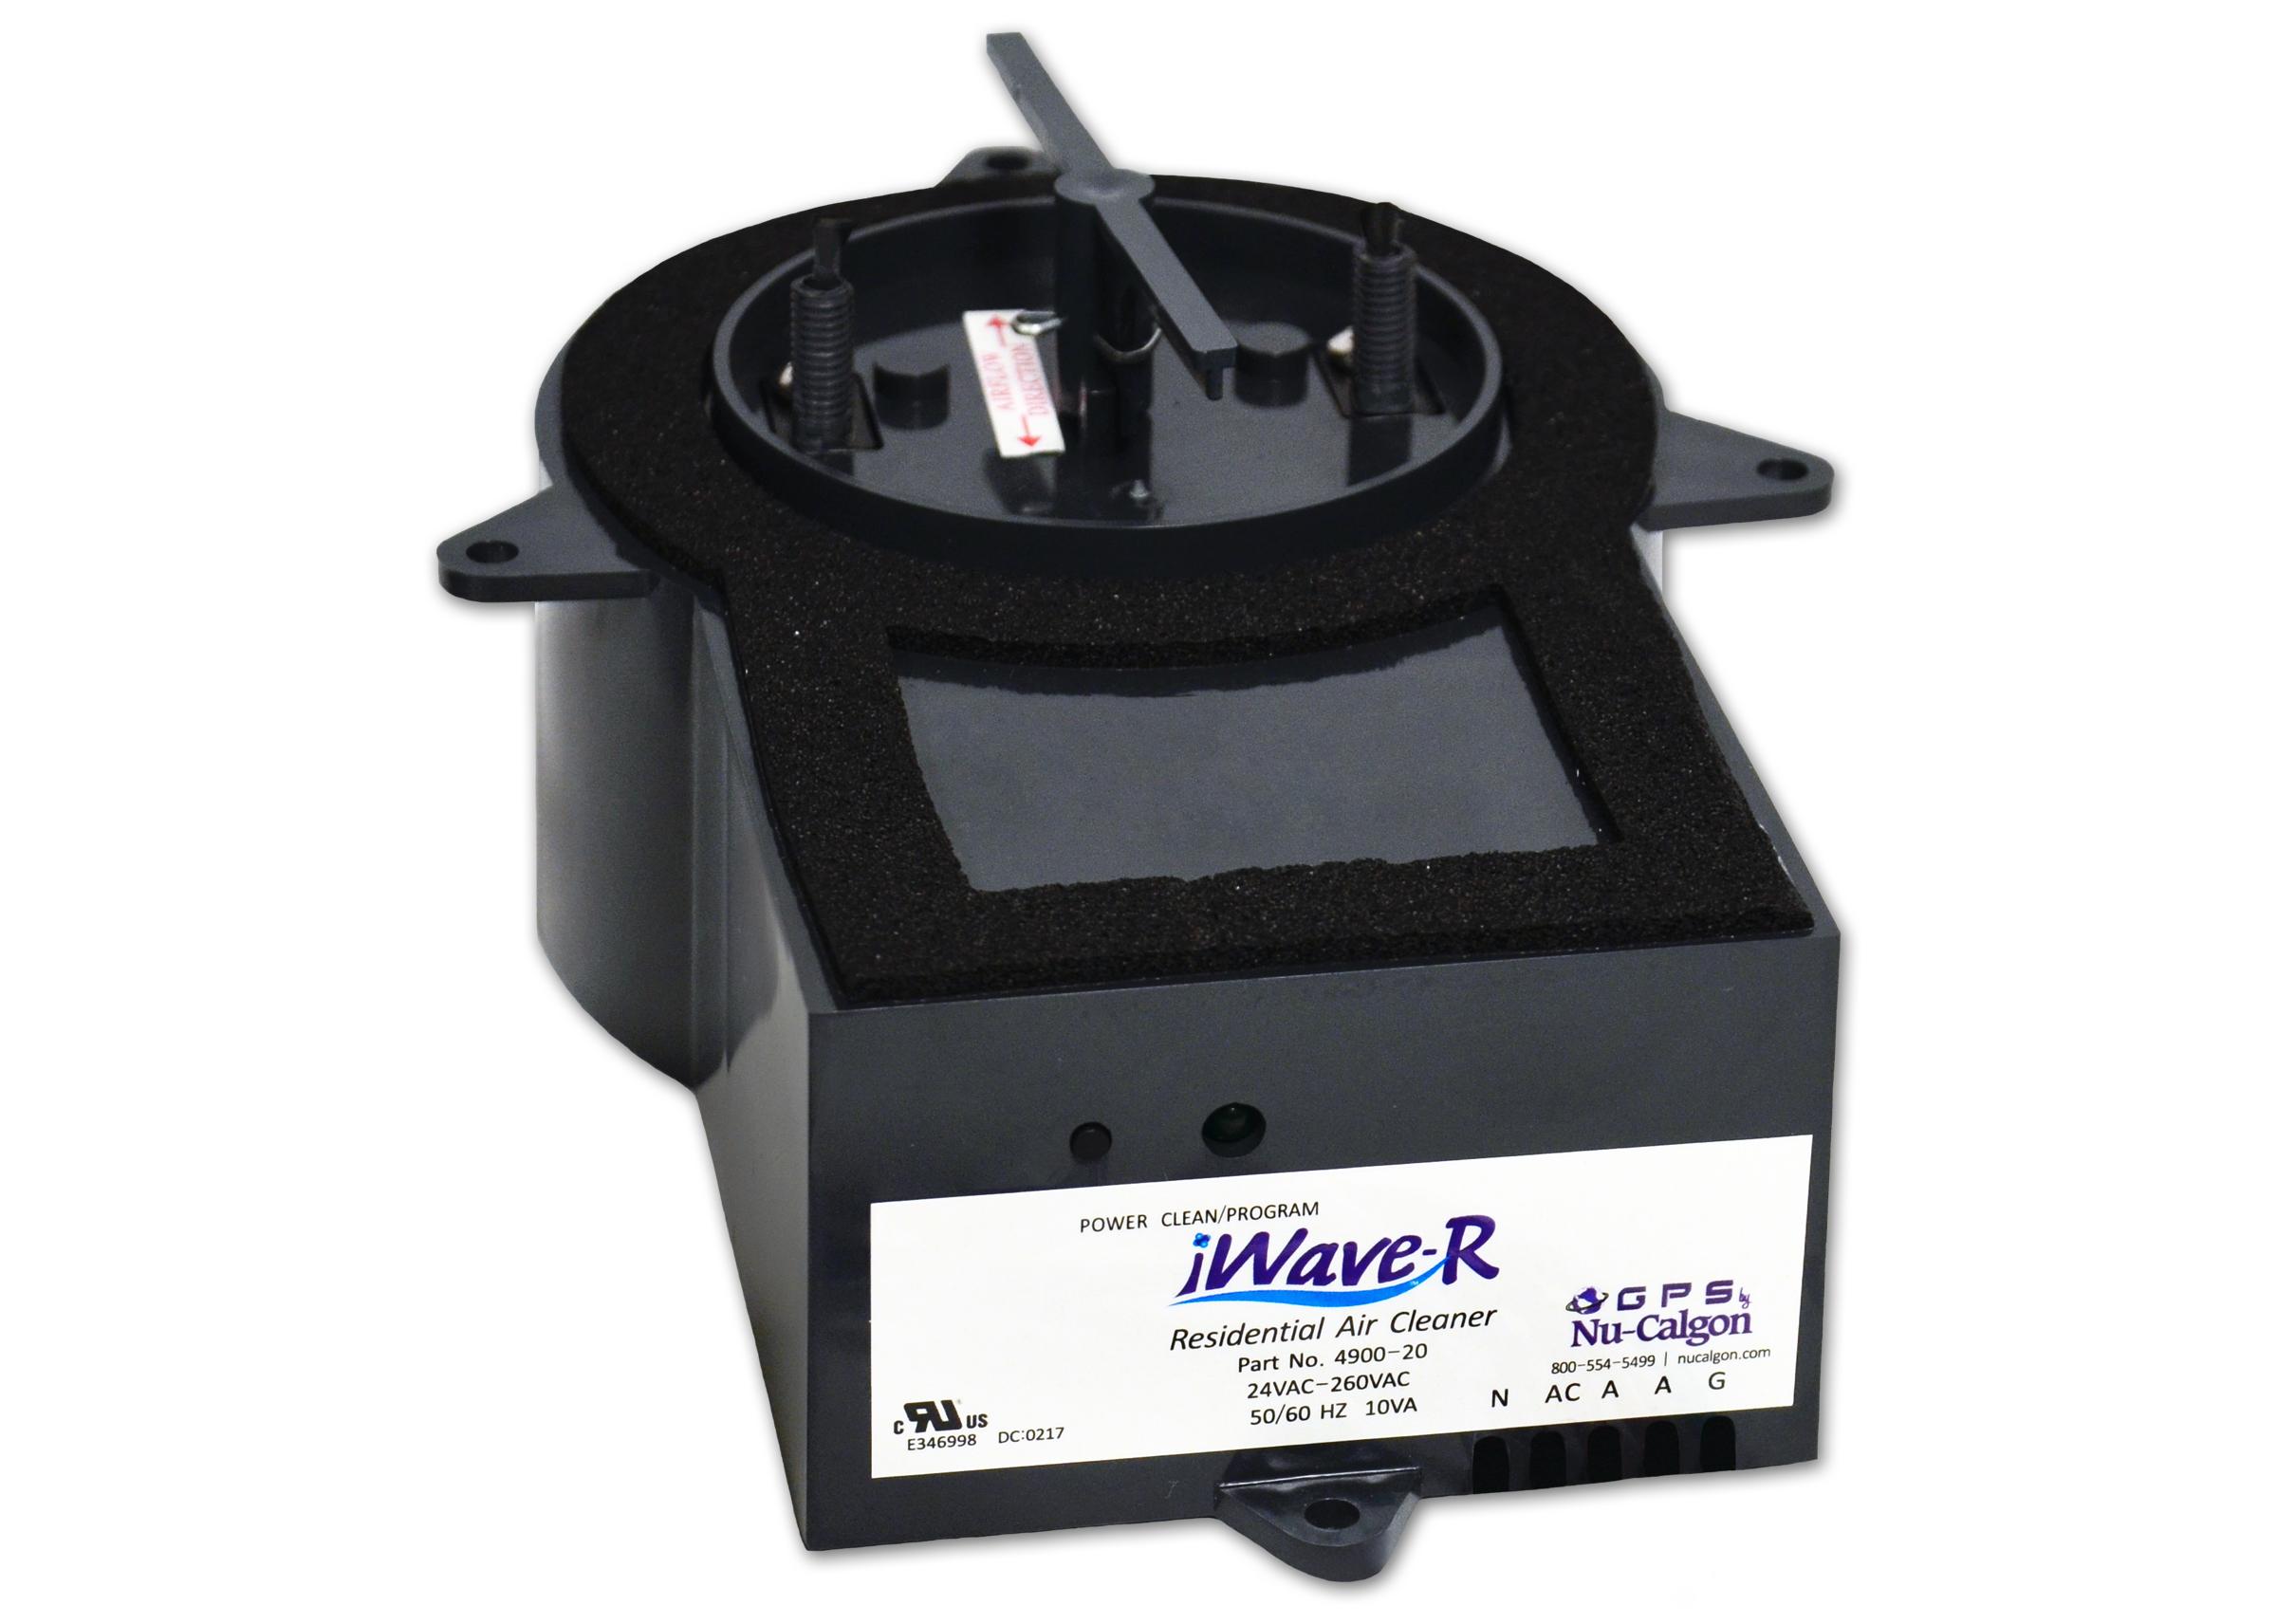 iWave-R Air Ionization System